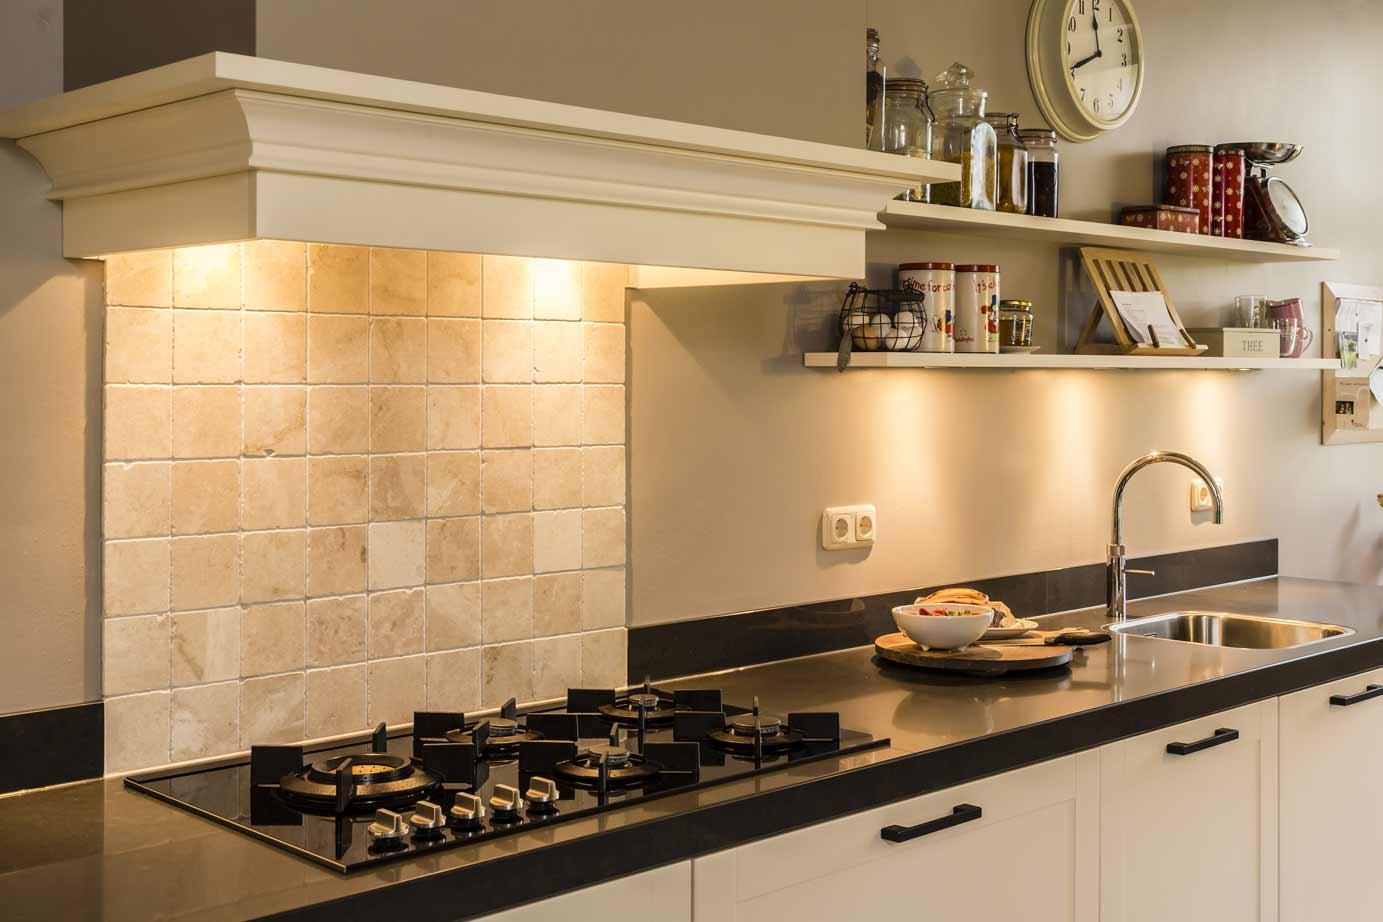 Handgrepen keller keuken u informatie over de keuken